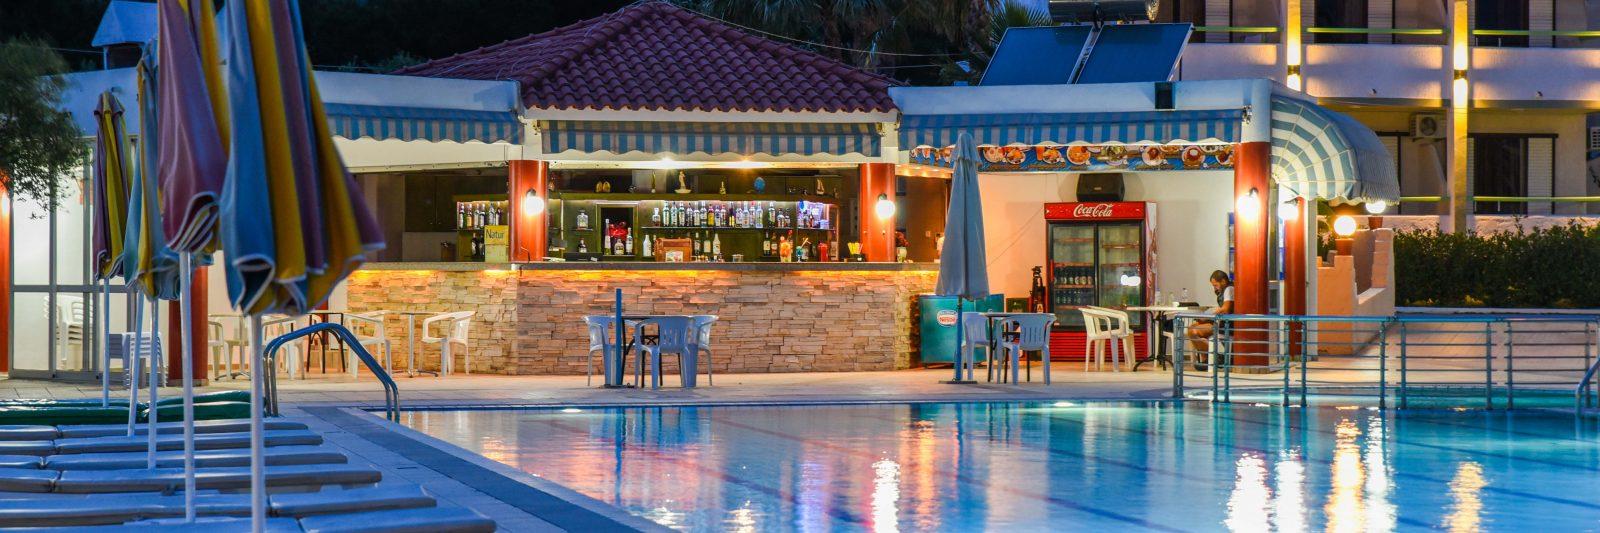 Photos Image| Pool & Bar